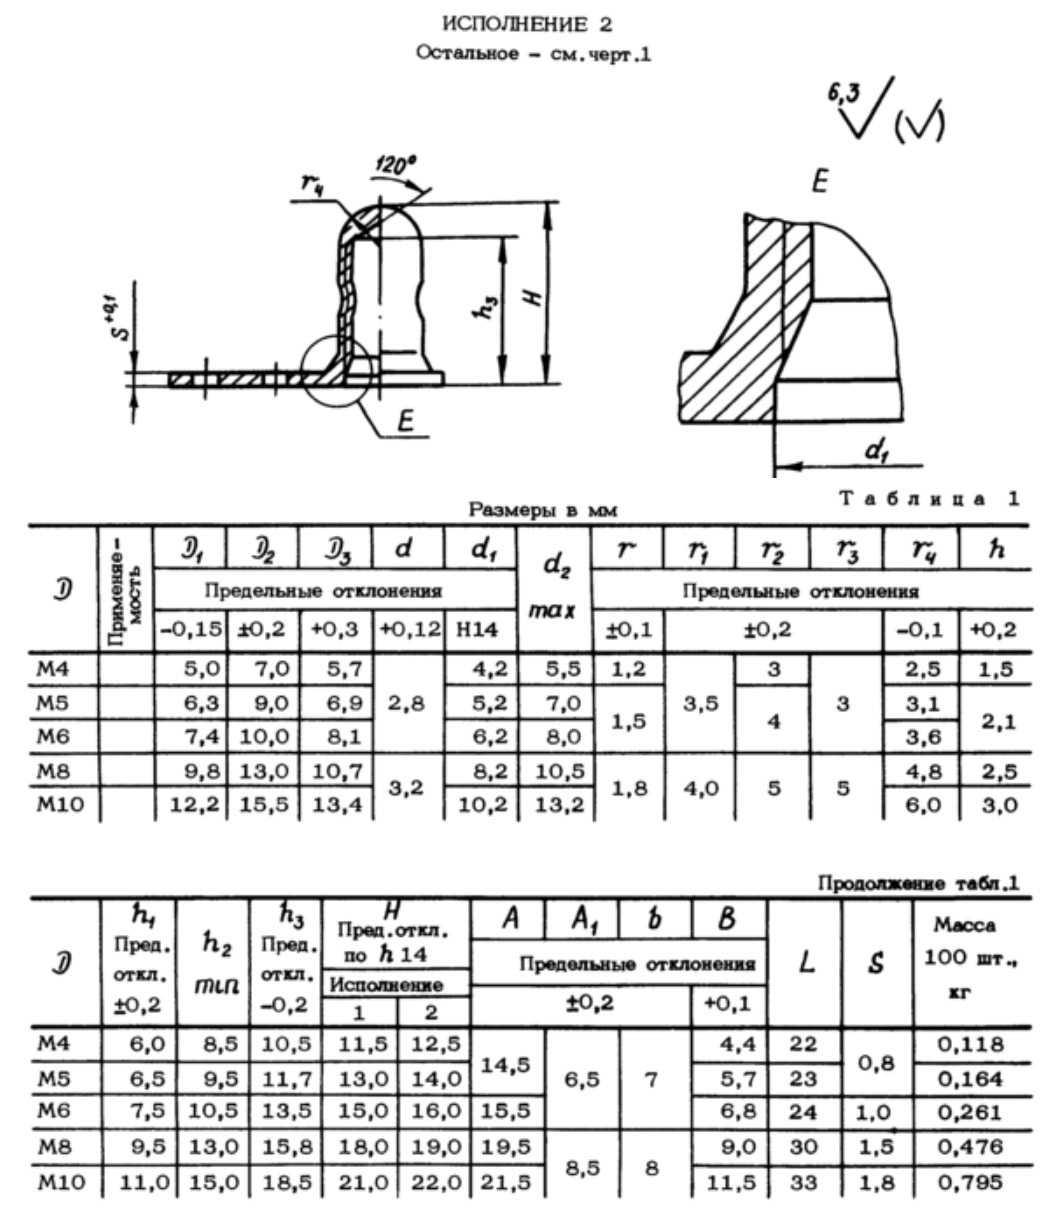 ОСТ 1 11363-73 Гайки герметичные одноушковые самоконтрящиеся